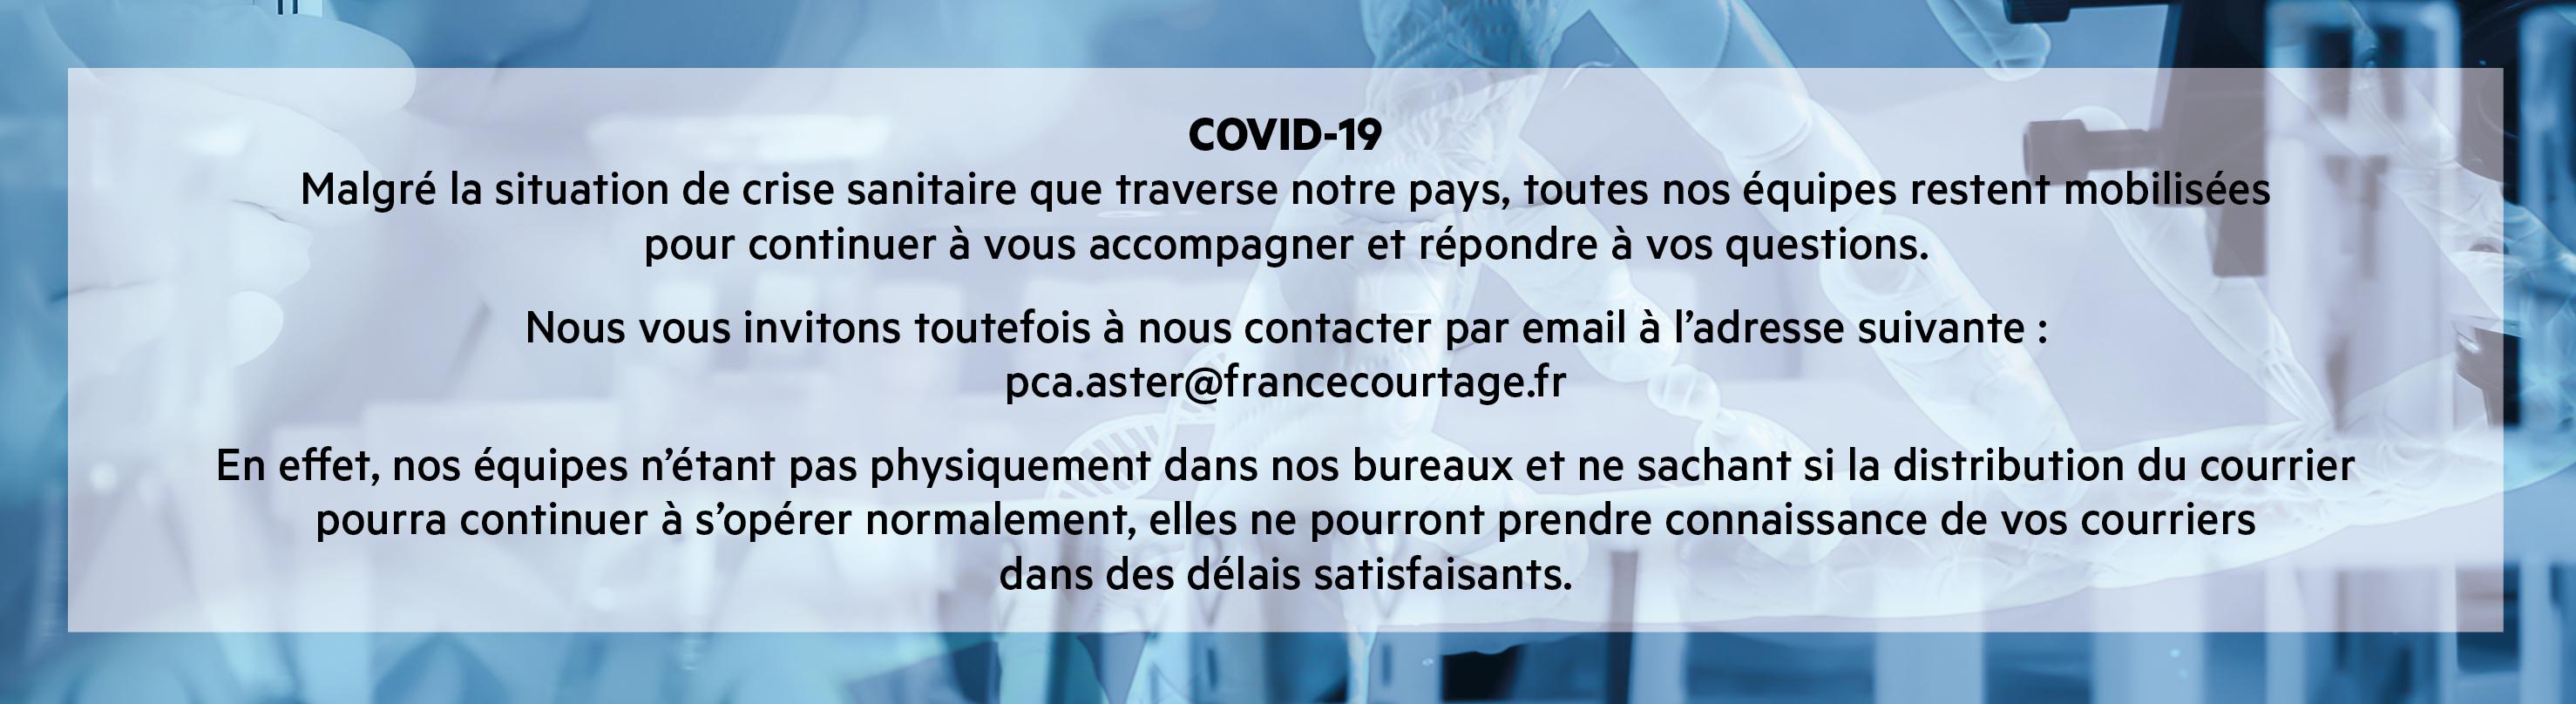 GFC-COVID19-aster